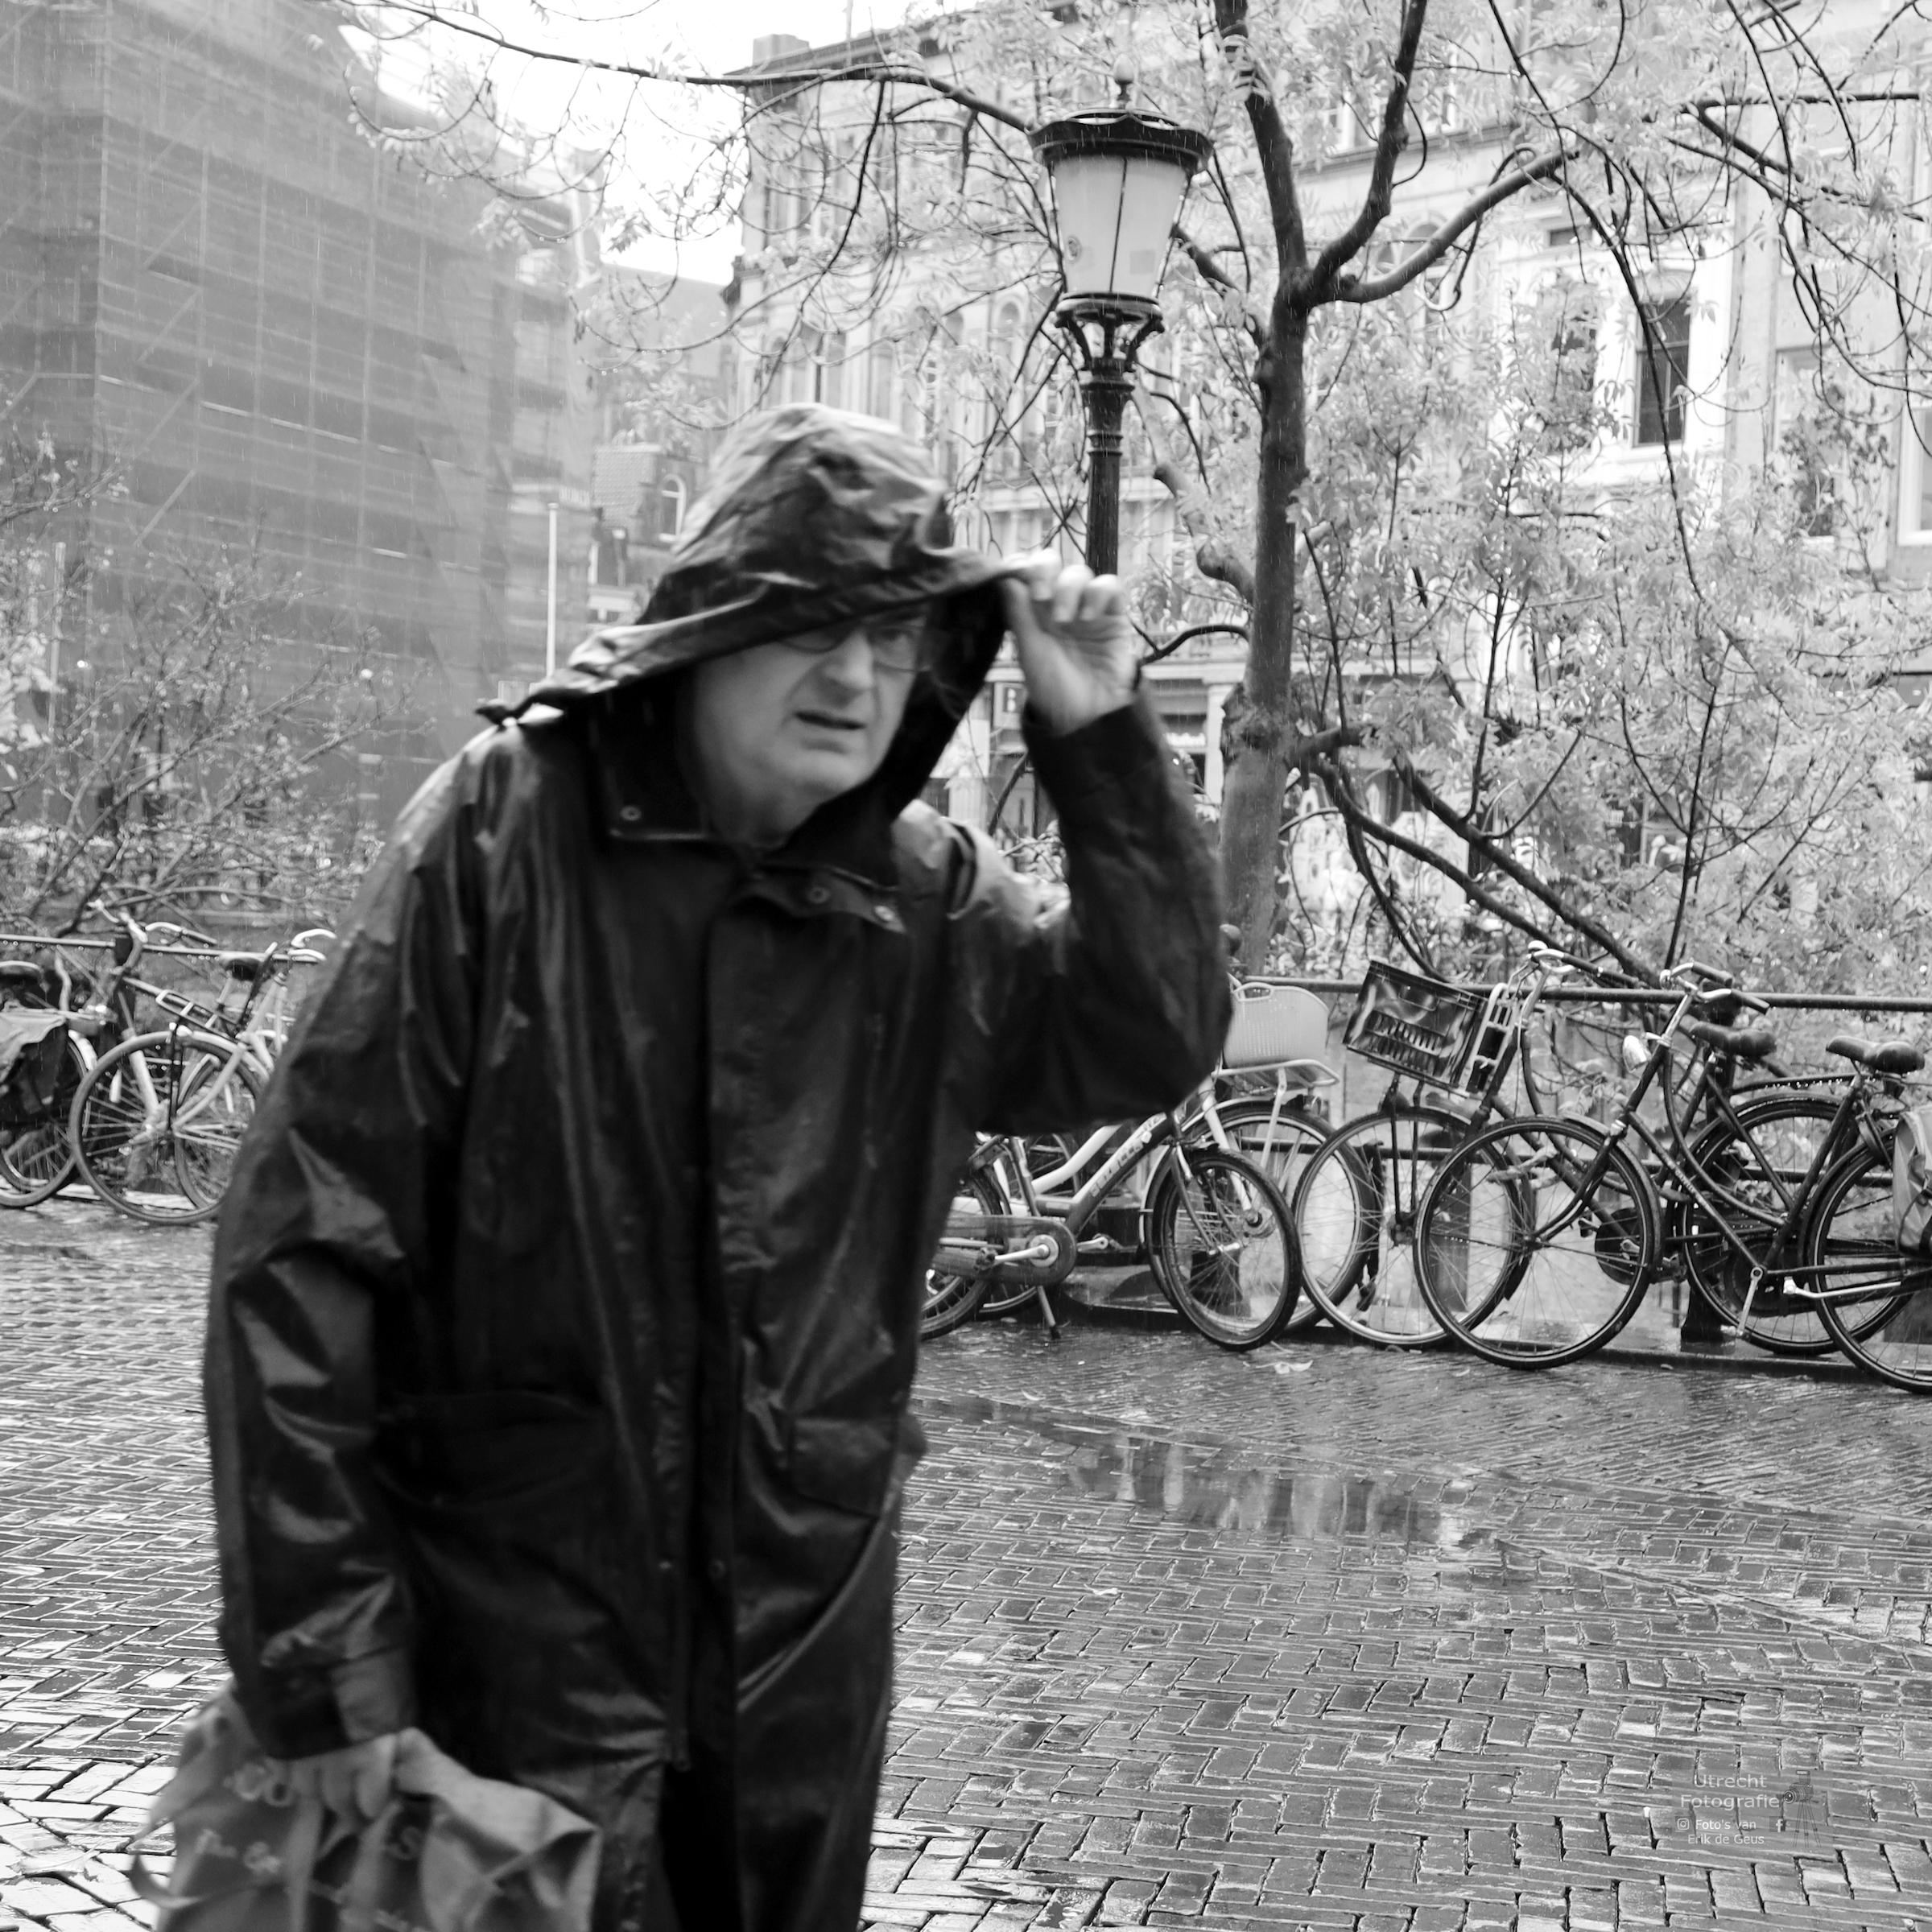 20181026 Oudegracht regen 01a